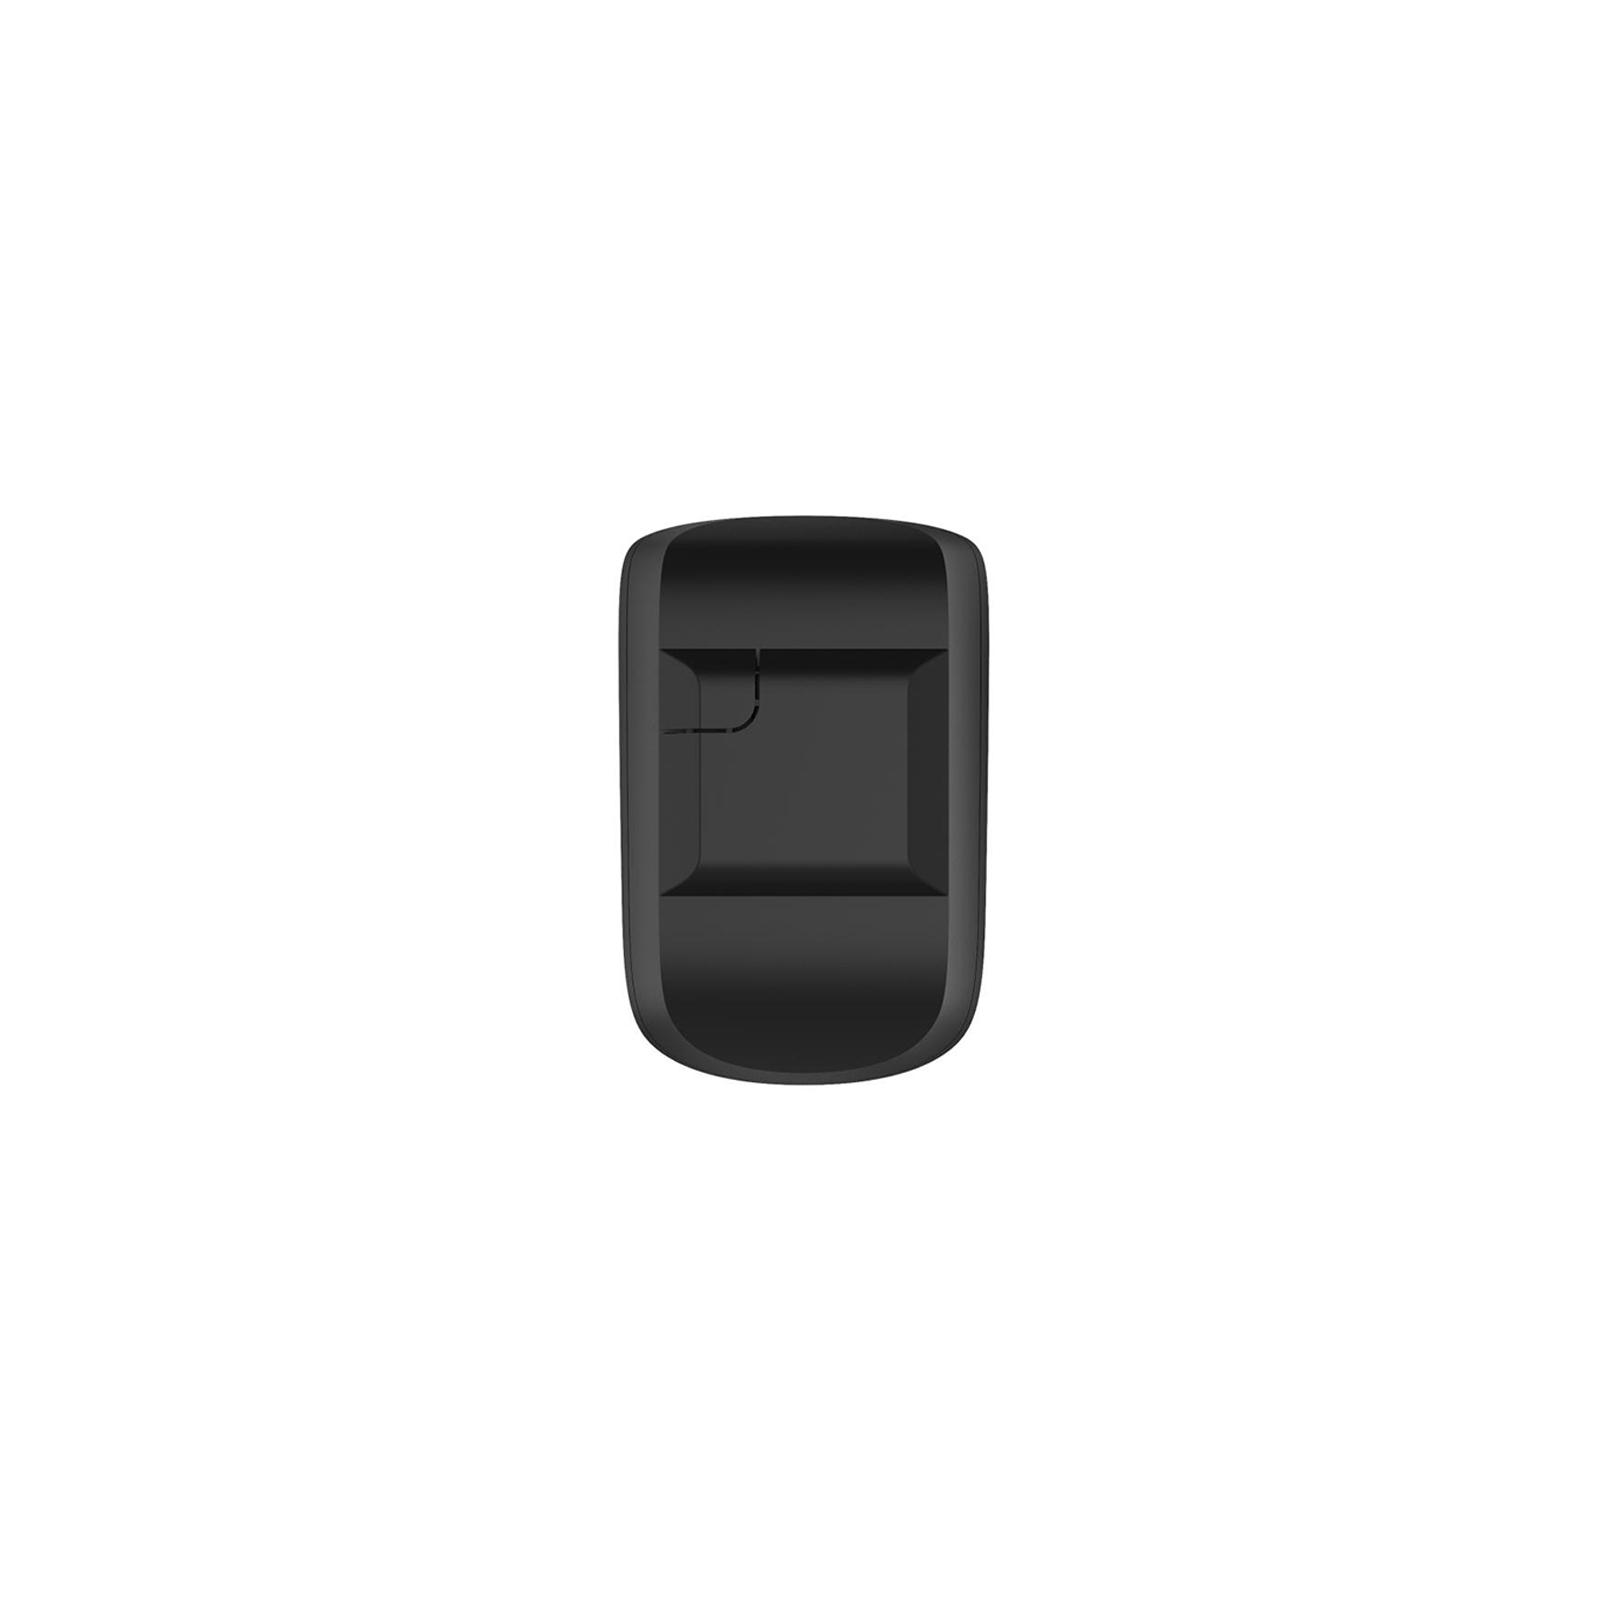 Датчик движения Ajax CombiProtect /black изображение 3